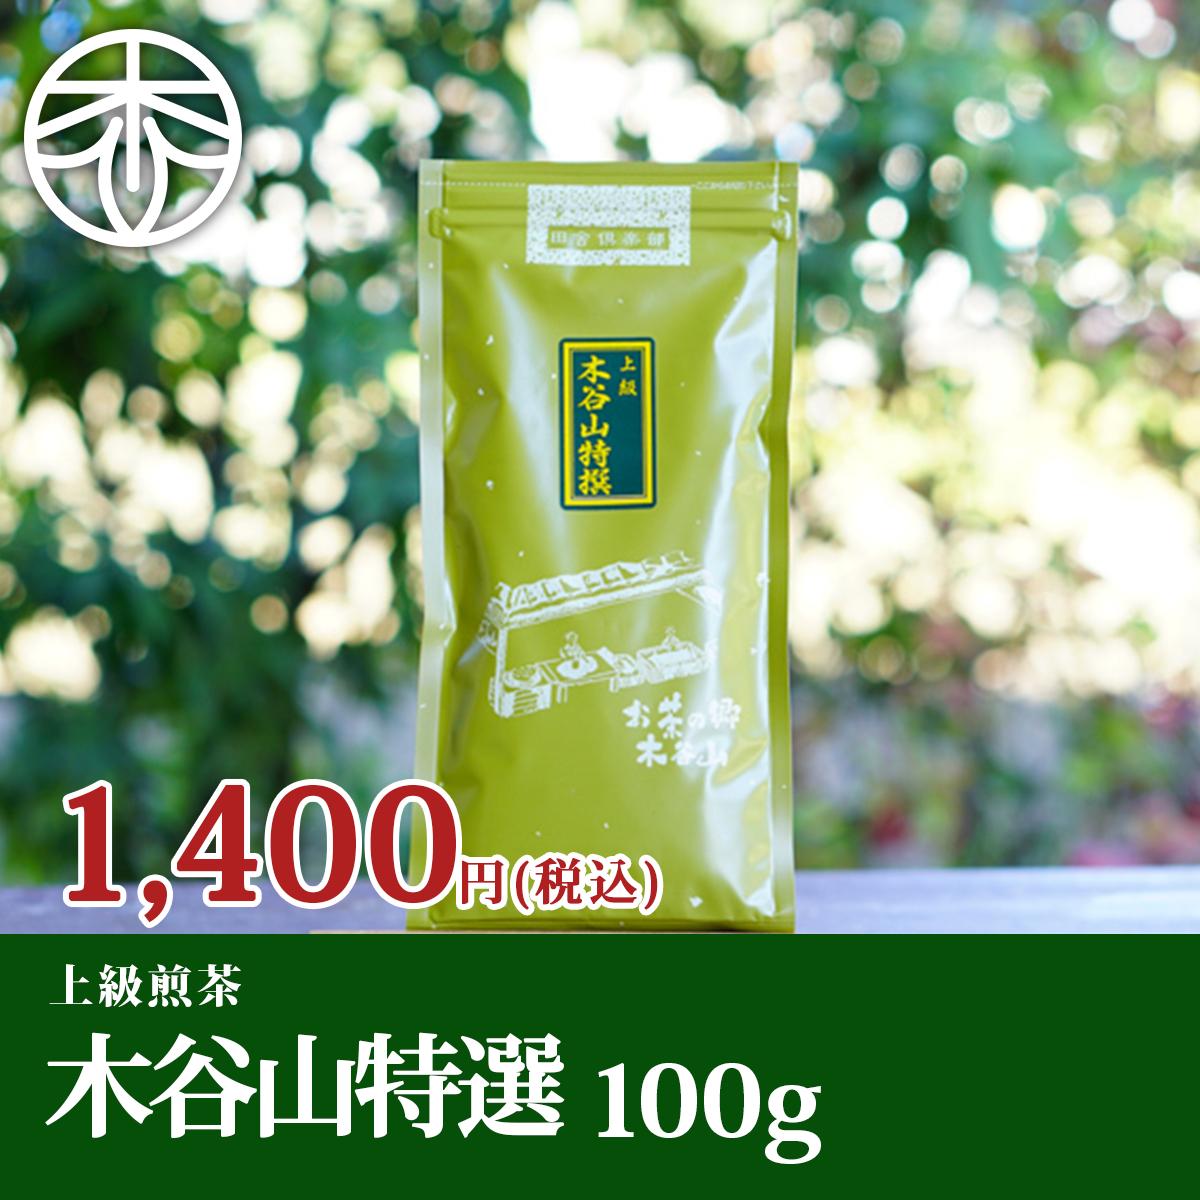 上級煎茶の茶葉を仕上げました|メール便可 煎茶 木谷山特選 100g |宇治茶の木谷製茶場